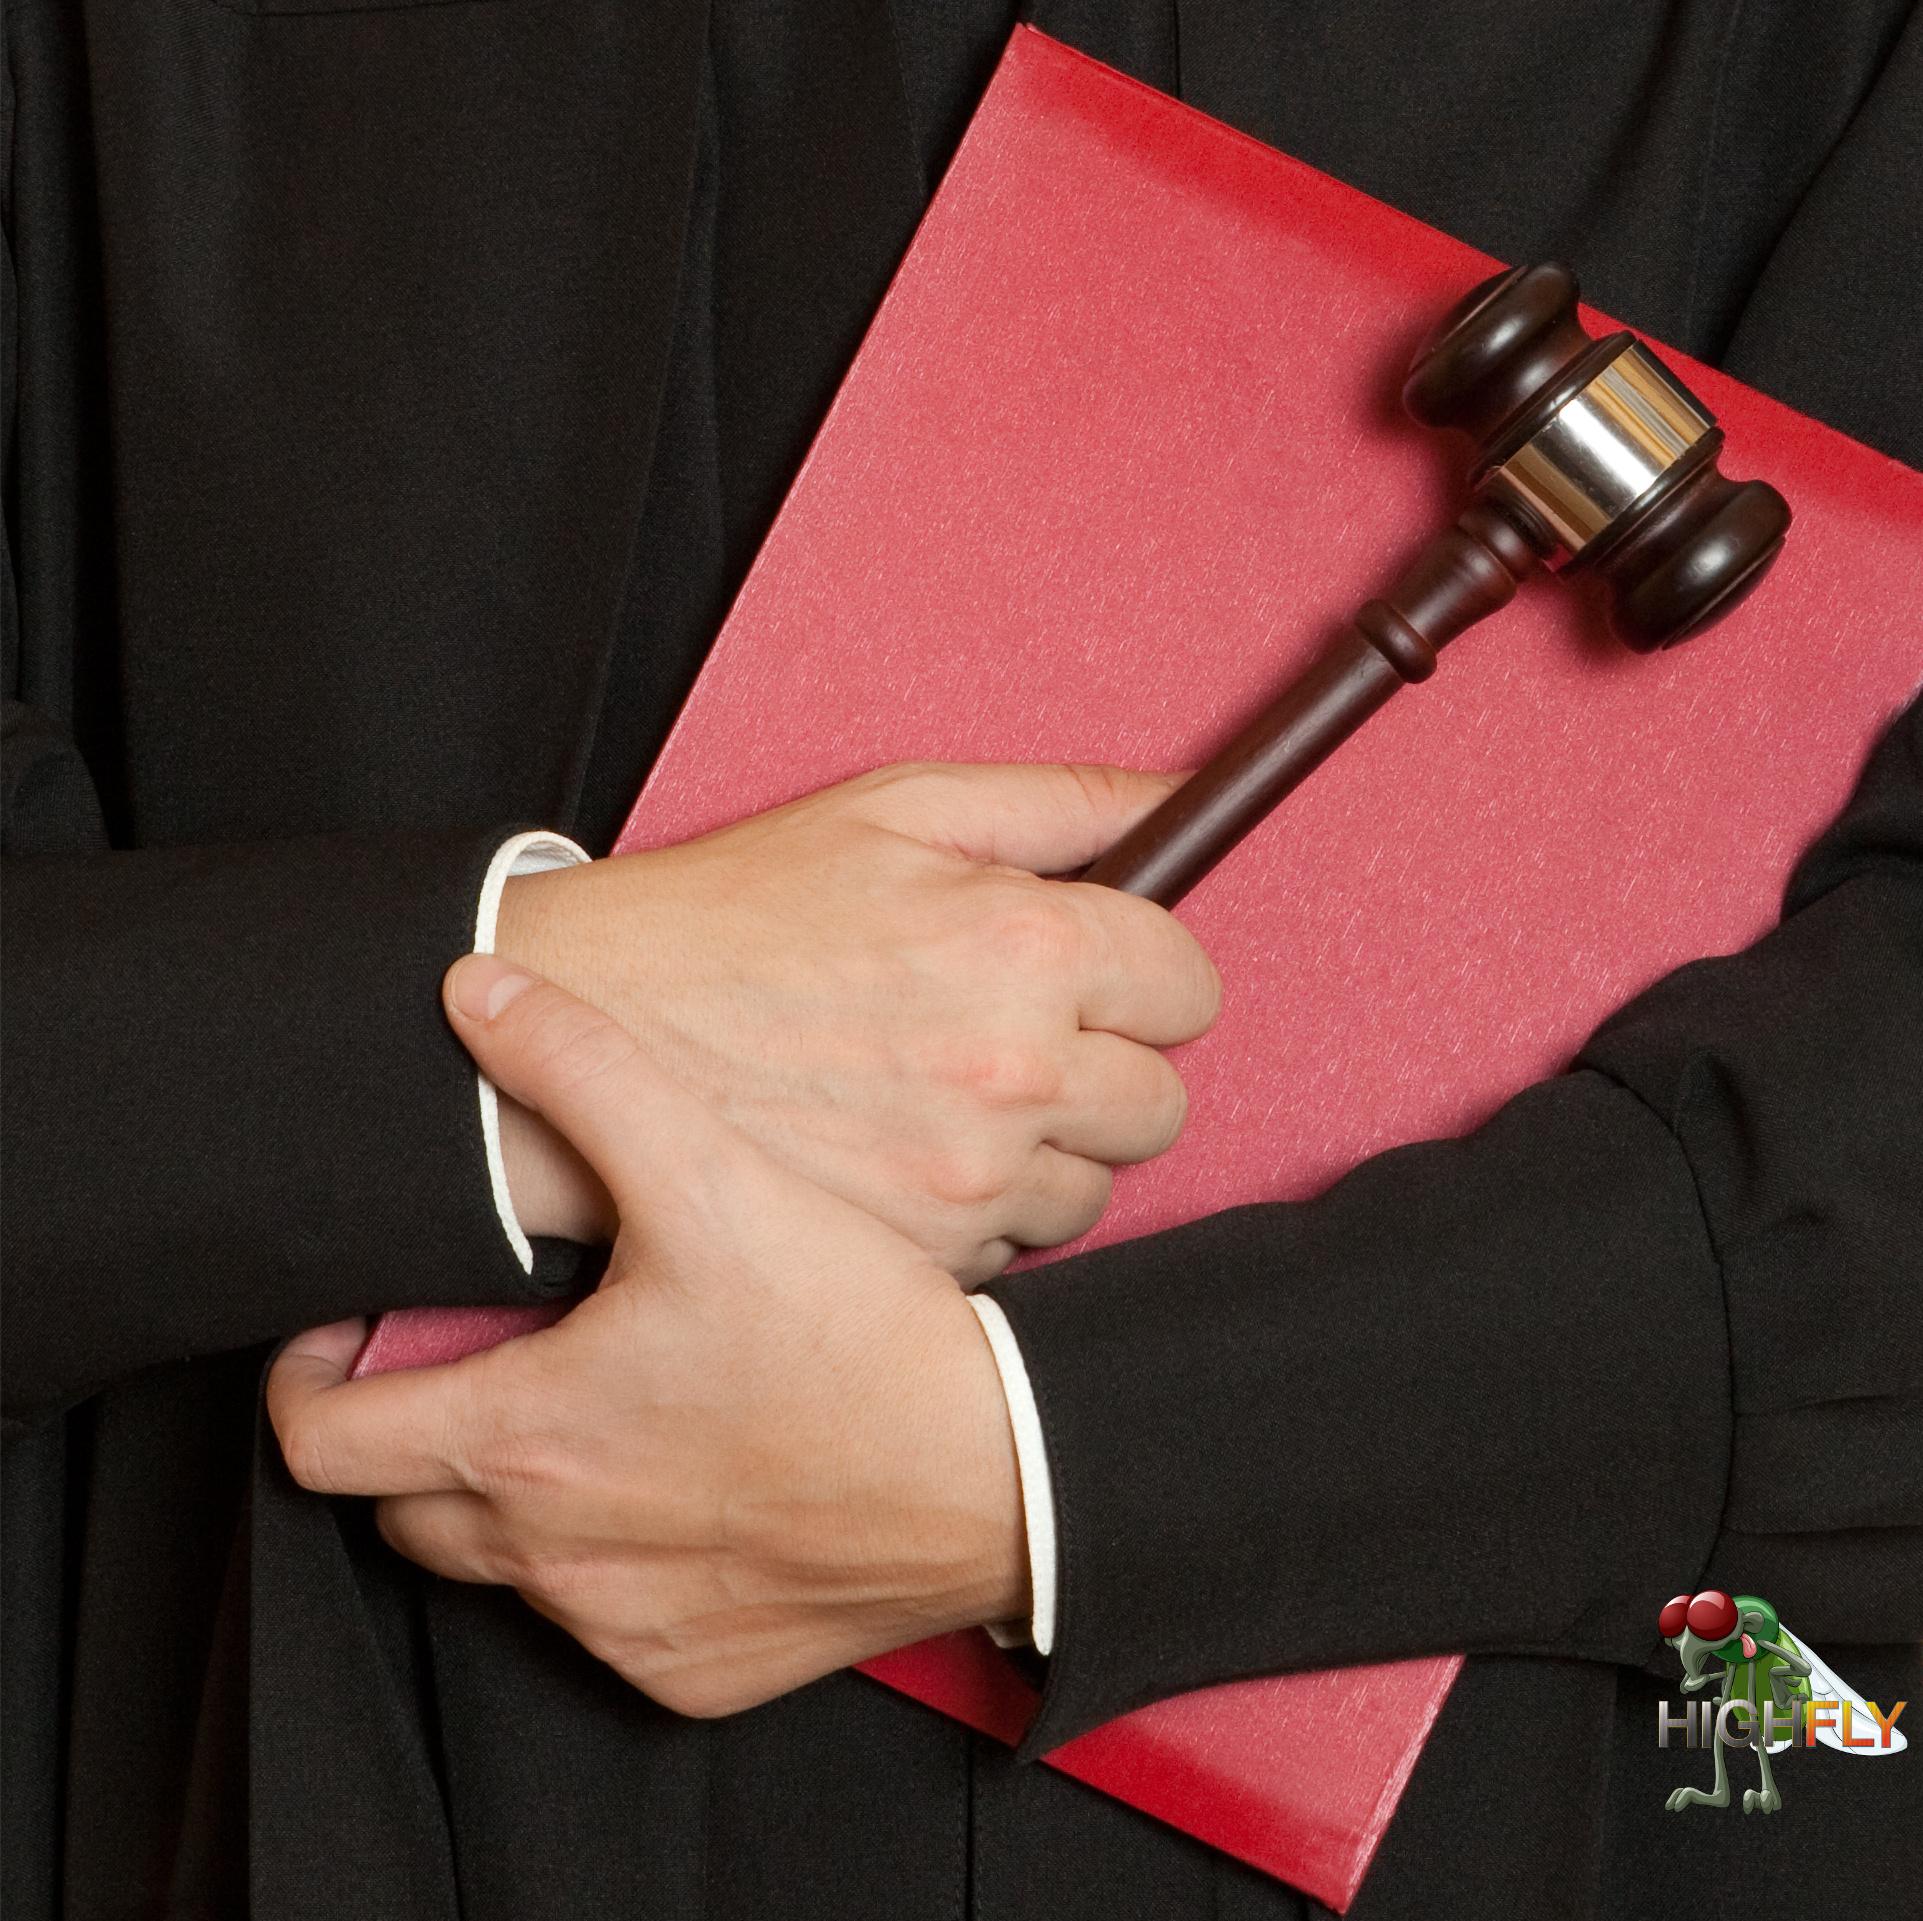 Verurteilung wegen illegaler Räuchermischungen